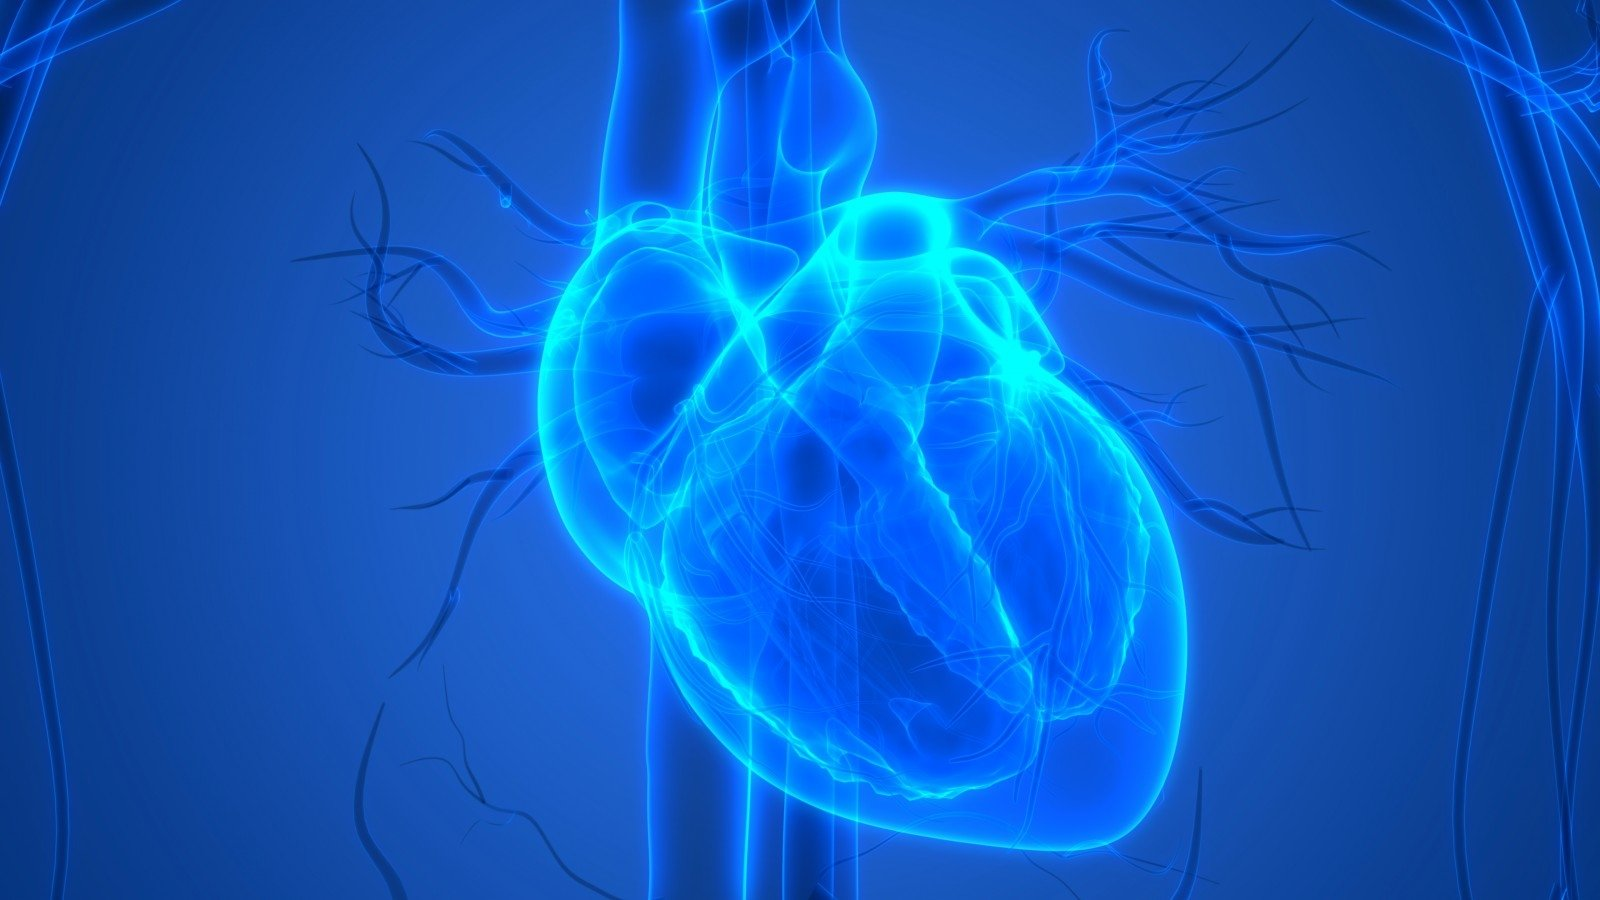 hipertenzijos gydymas purvu yra užpilamas šaltu vandeniu, naudingu hipertenzijai gydyti